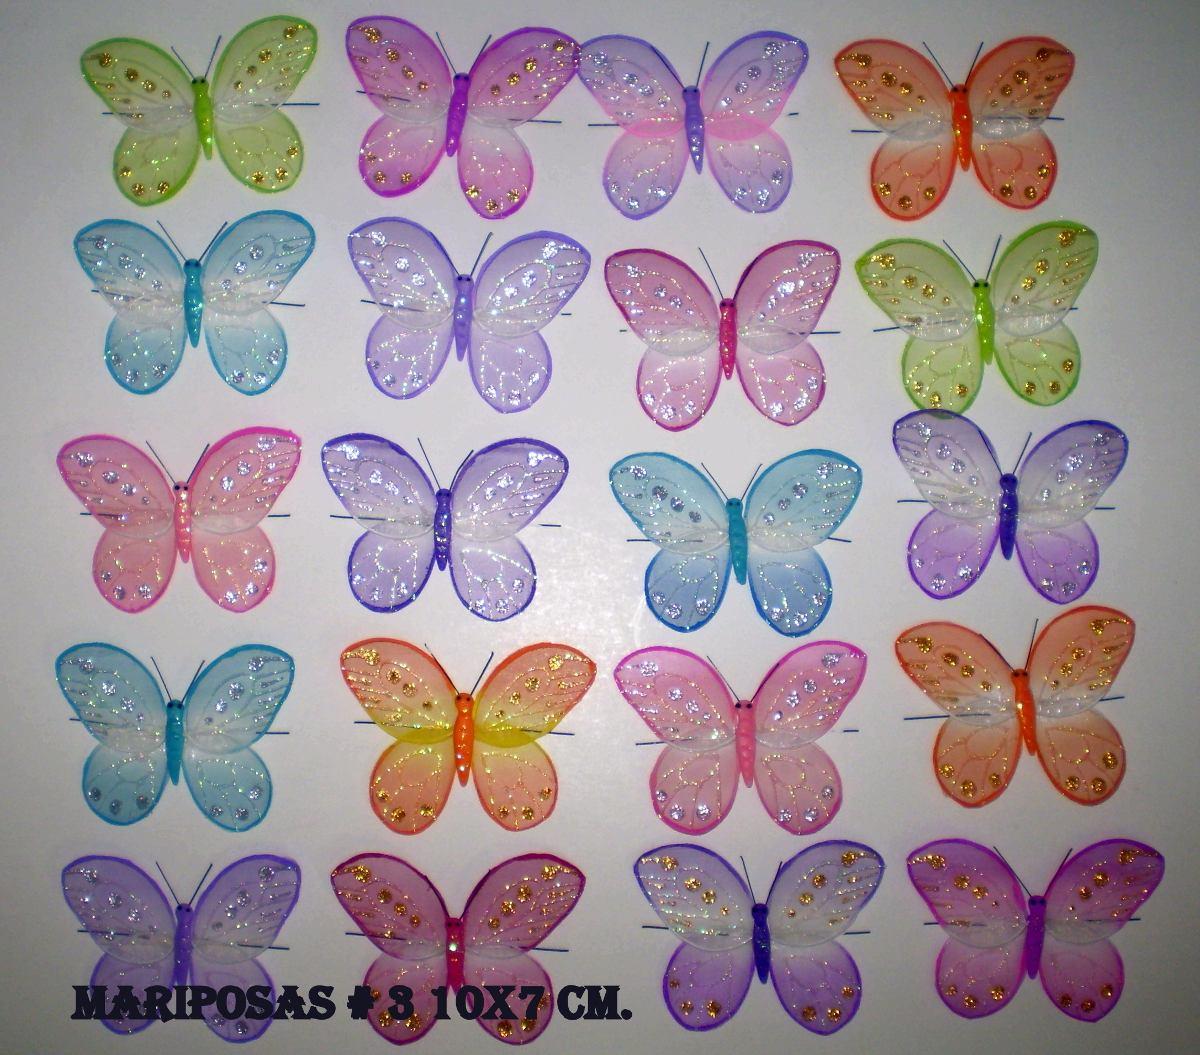 Mariposas y libelulas para decorar de alambre y organza bs en mercado libre - Mariposas para decorar ...